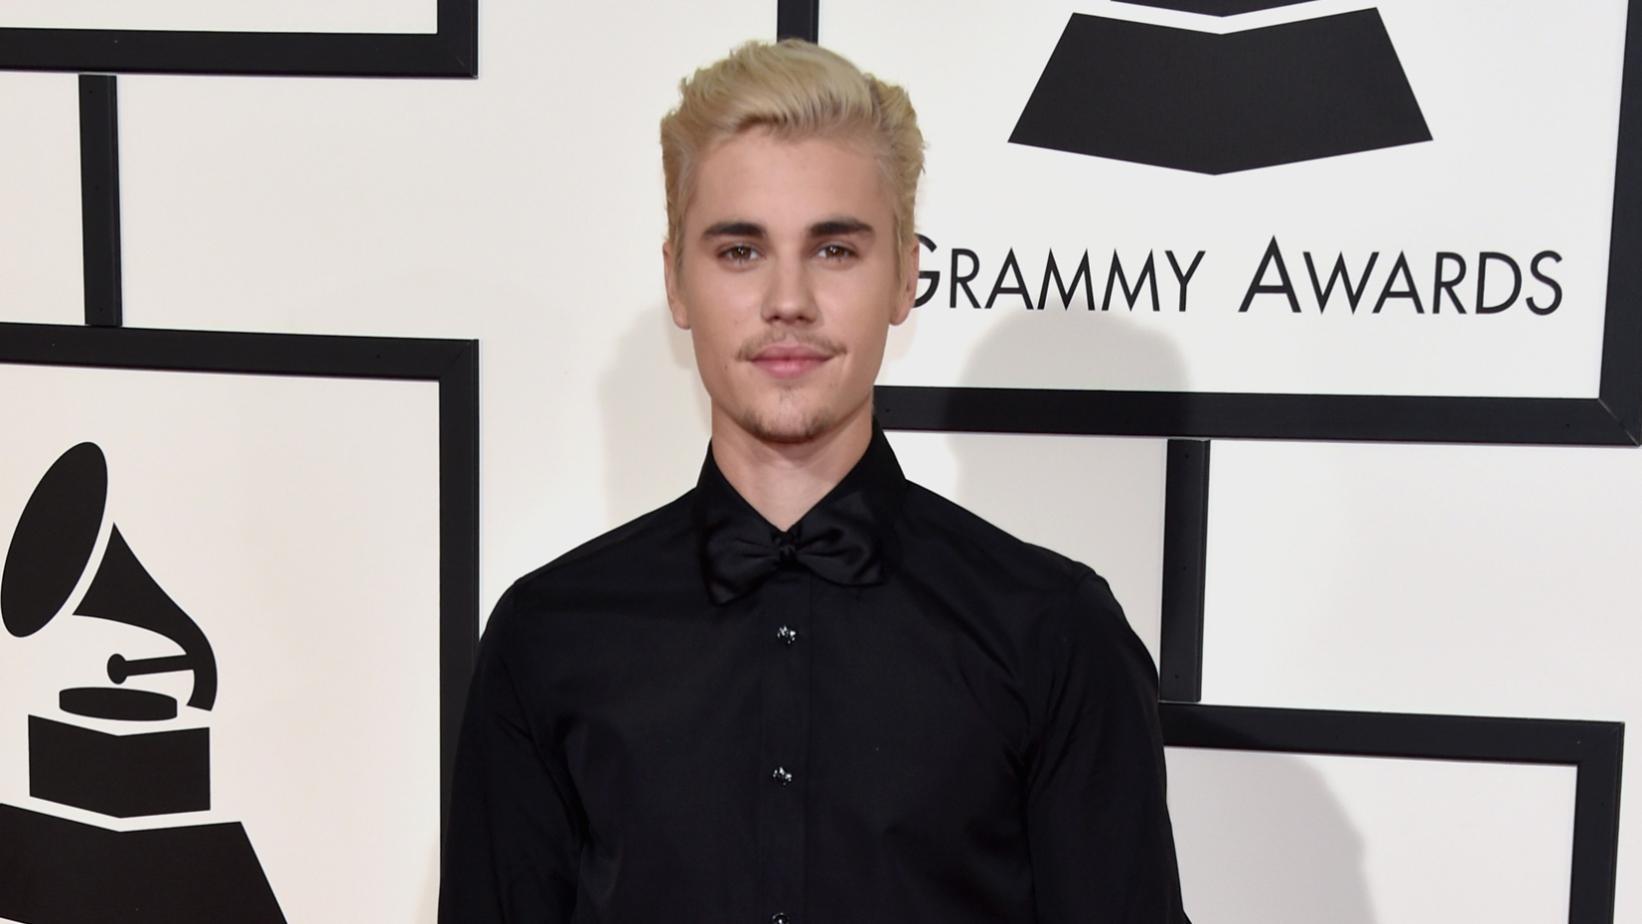 Envían Grammy Latino de Justin Bieber a otra persona por error